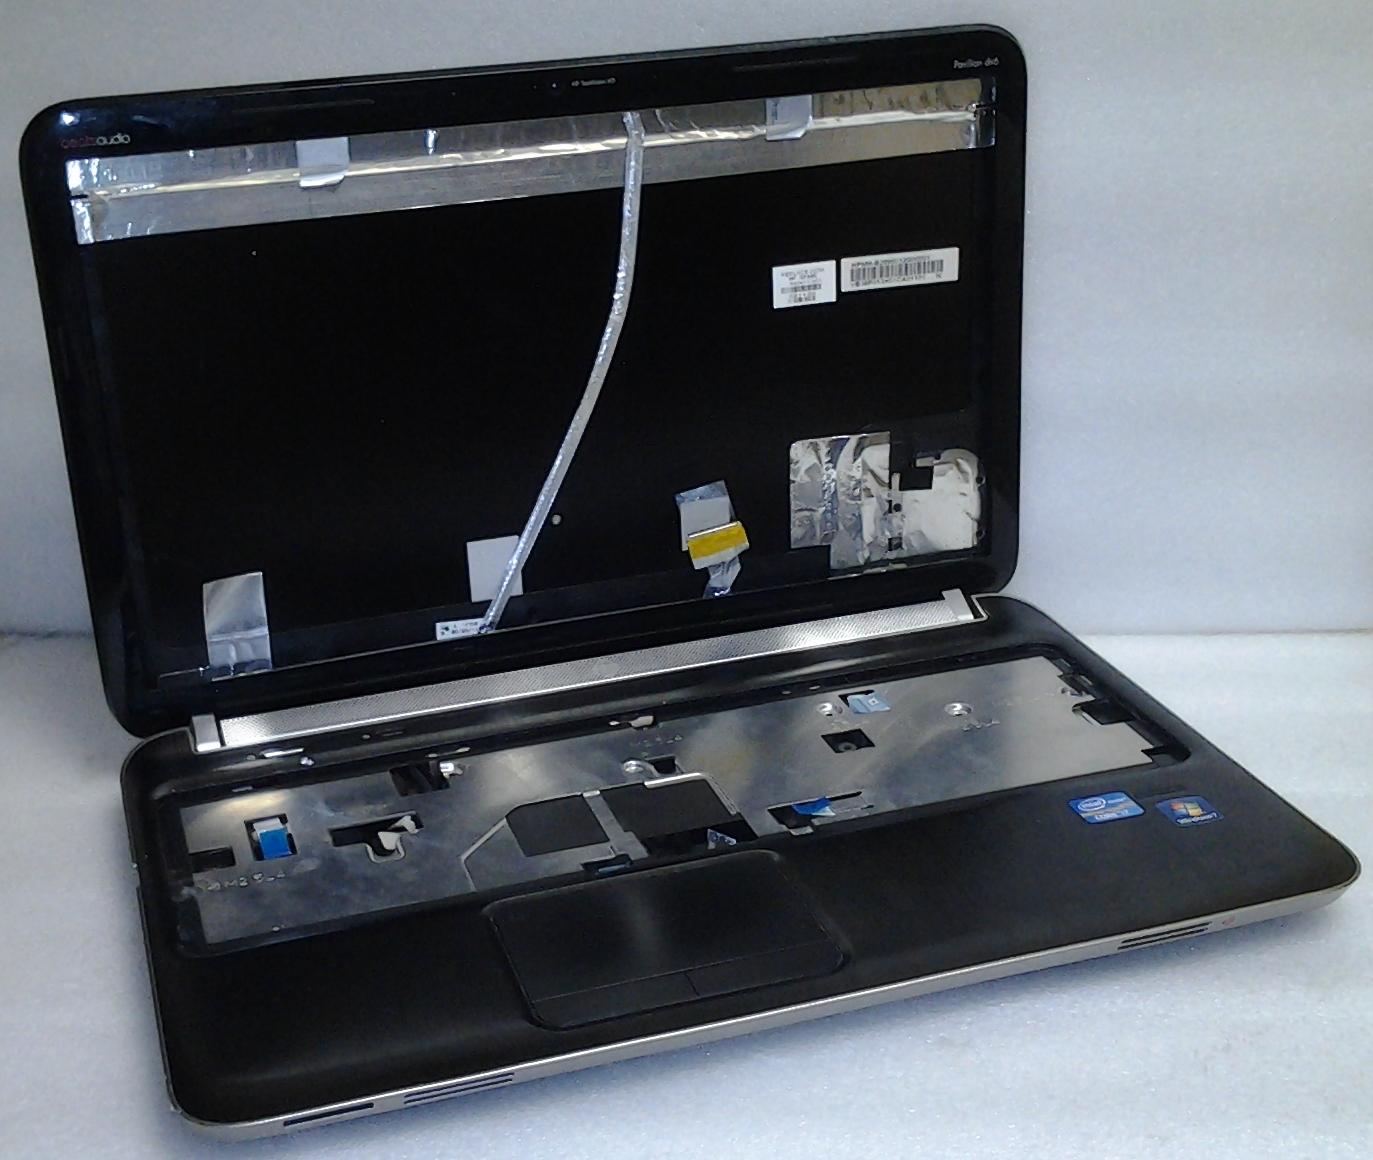 Тест и обзор: Riotoro CR1088 - компактный корпус ATX с ... | 1160x1373